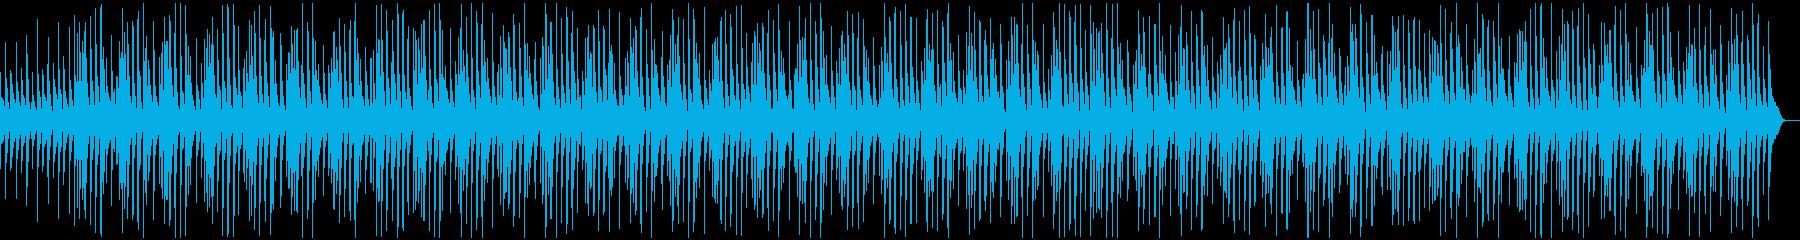 かわいい、コミカル、CMの再生済みの波形